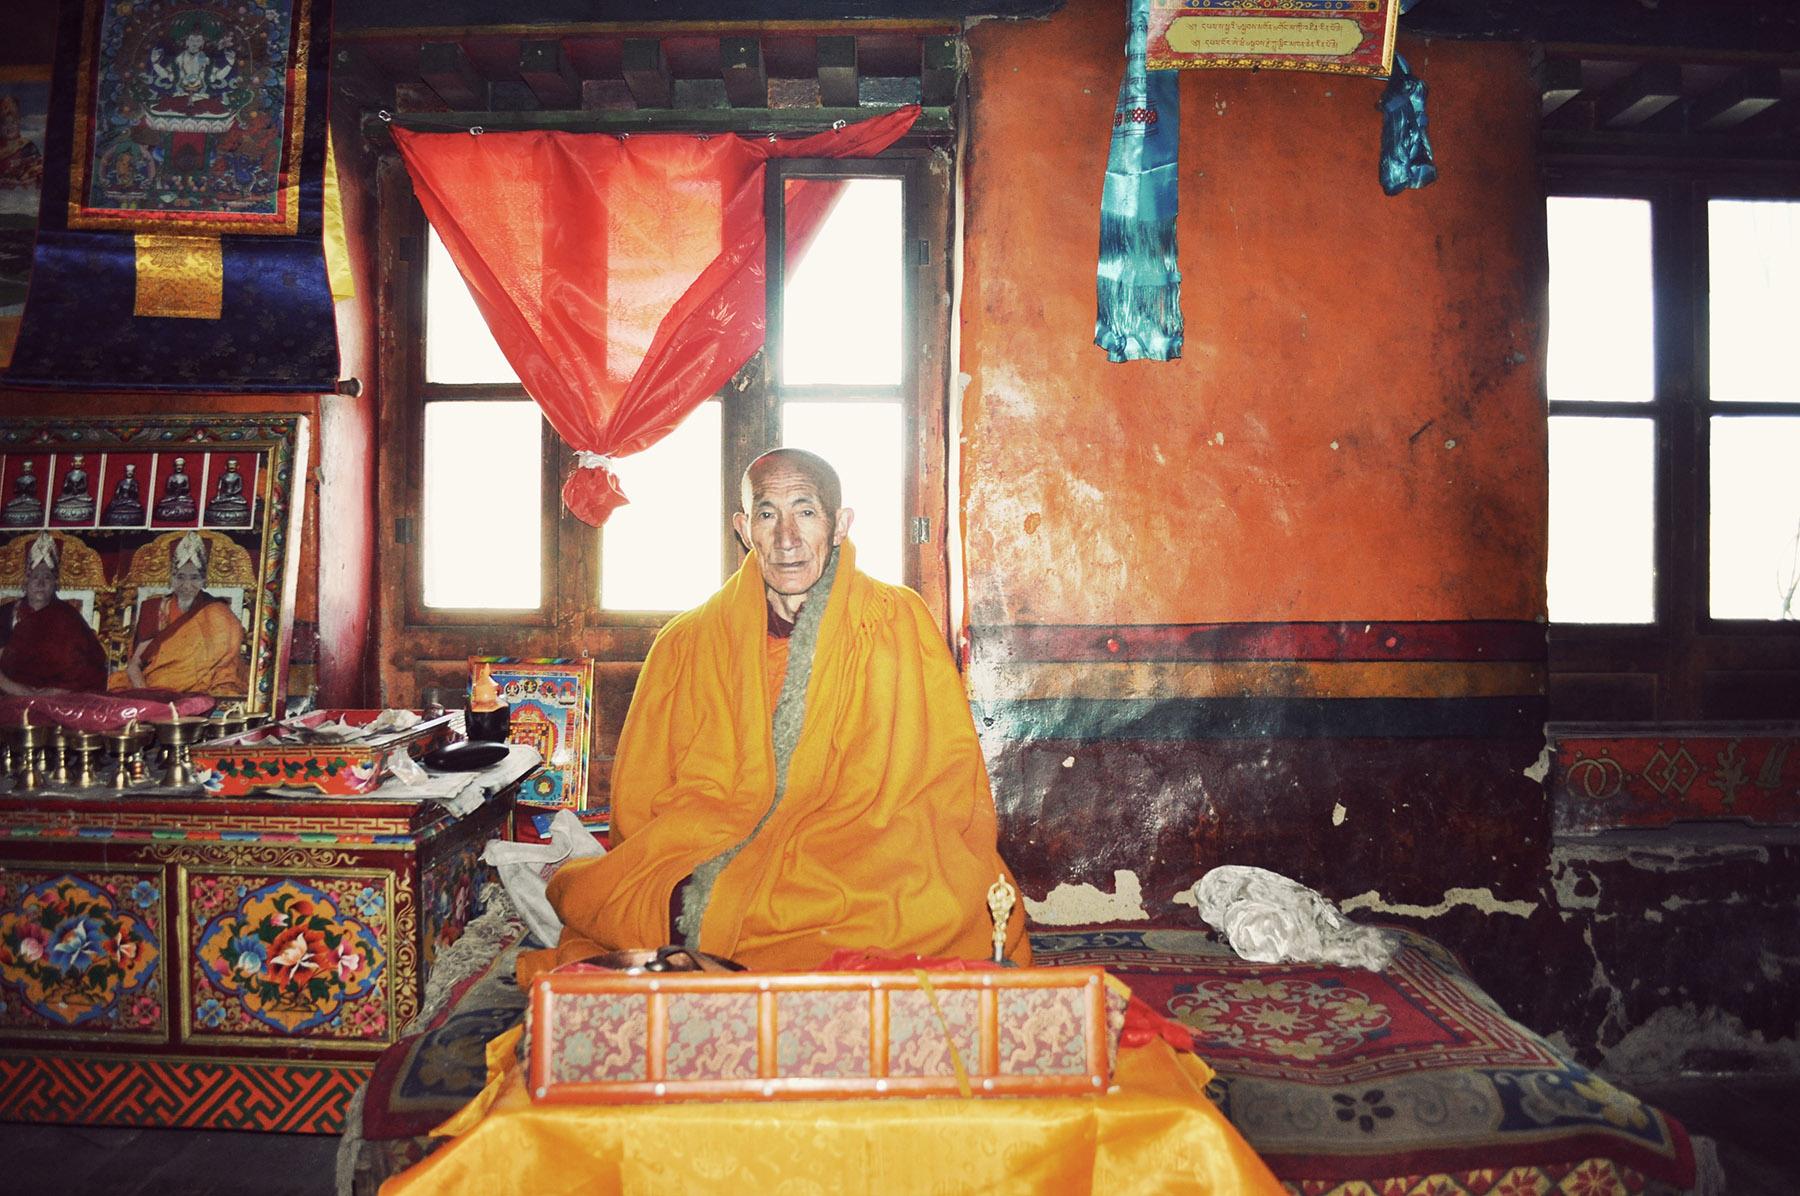 Old monk at Samye, Tibet